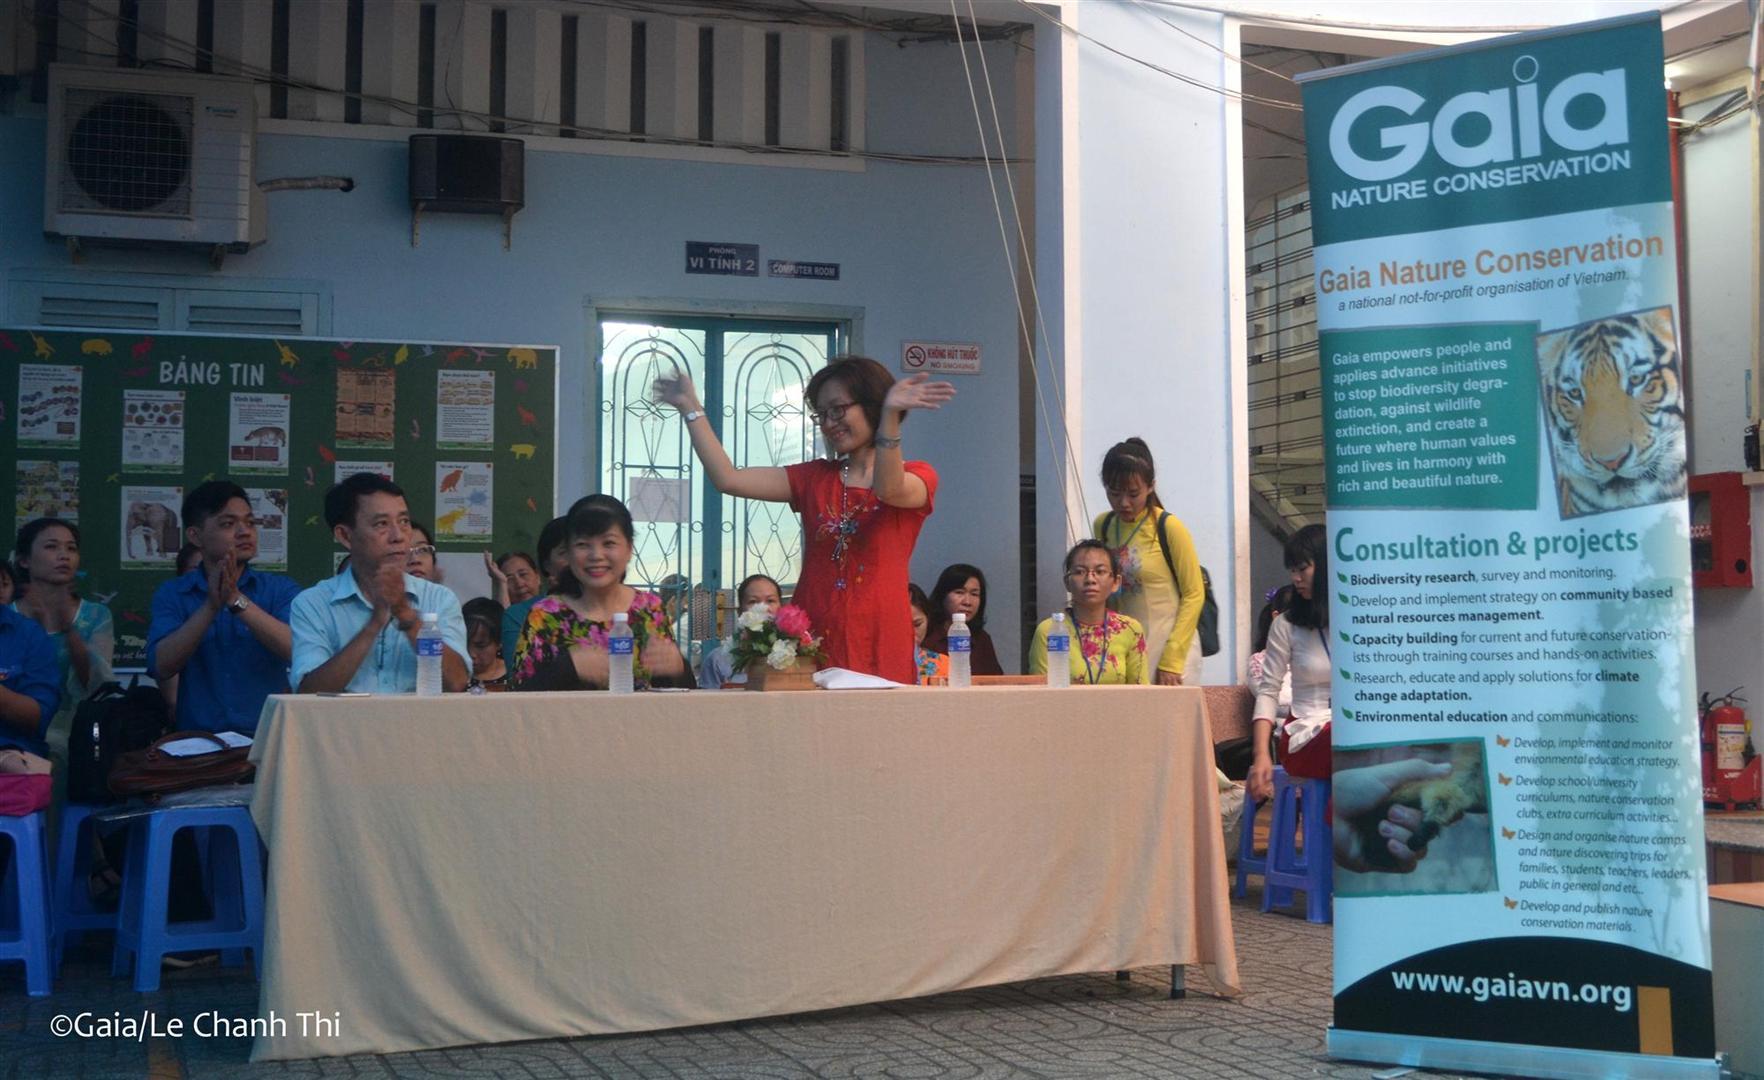 Bà Đỗ Thị Thanh Huyền (Giám đốc trung tâm Gaia) và các thầy cô giáo trường THCS Ba Đình